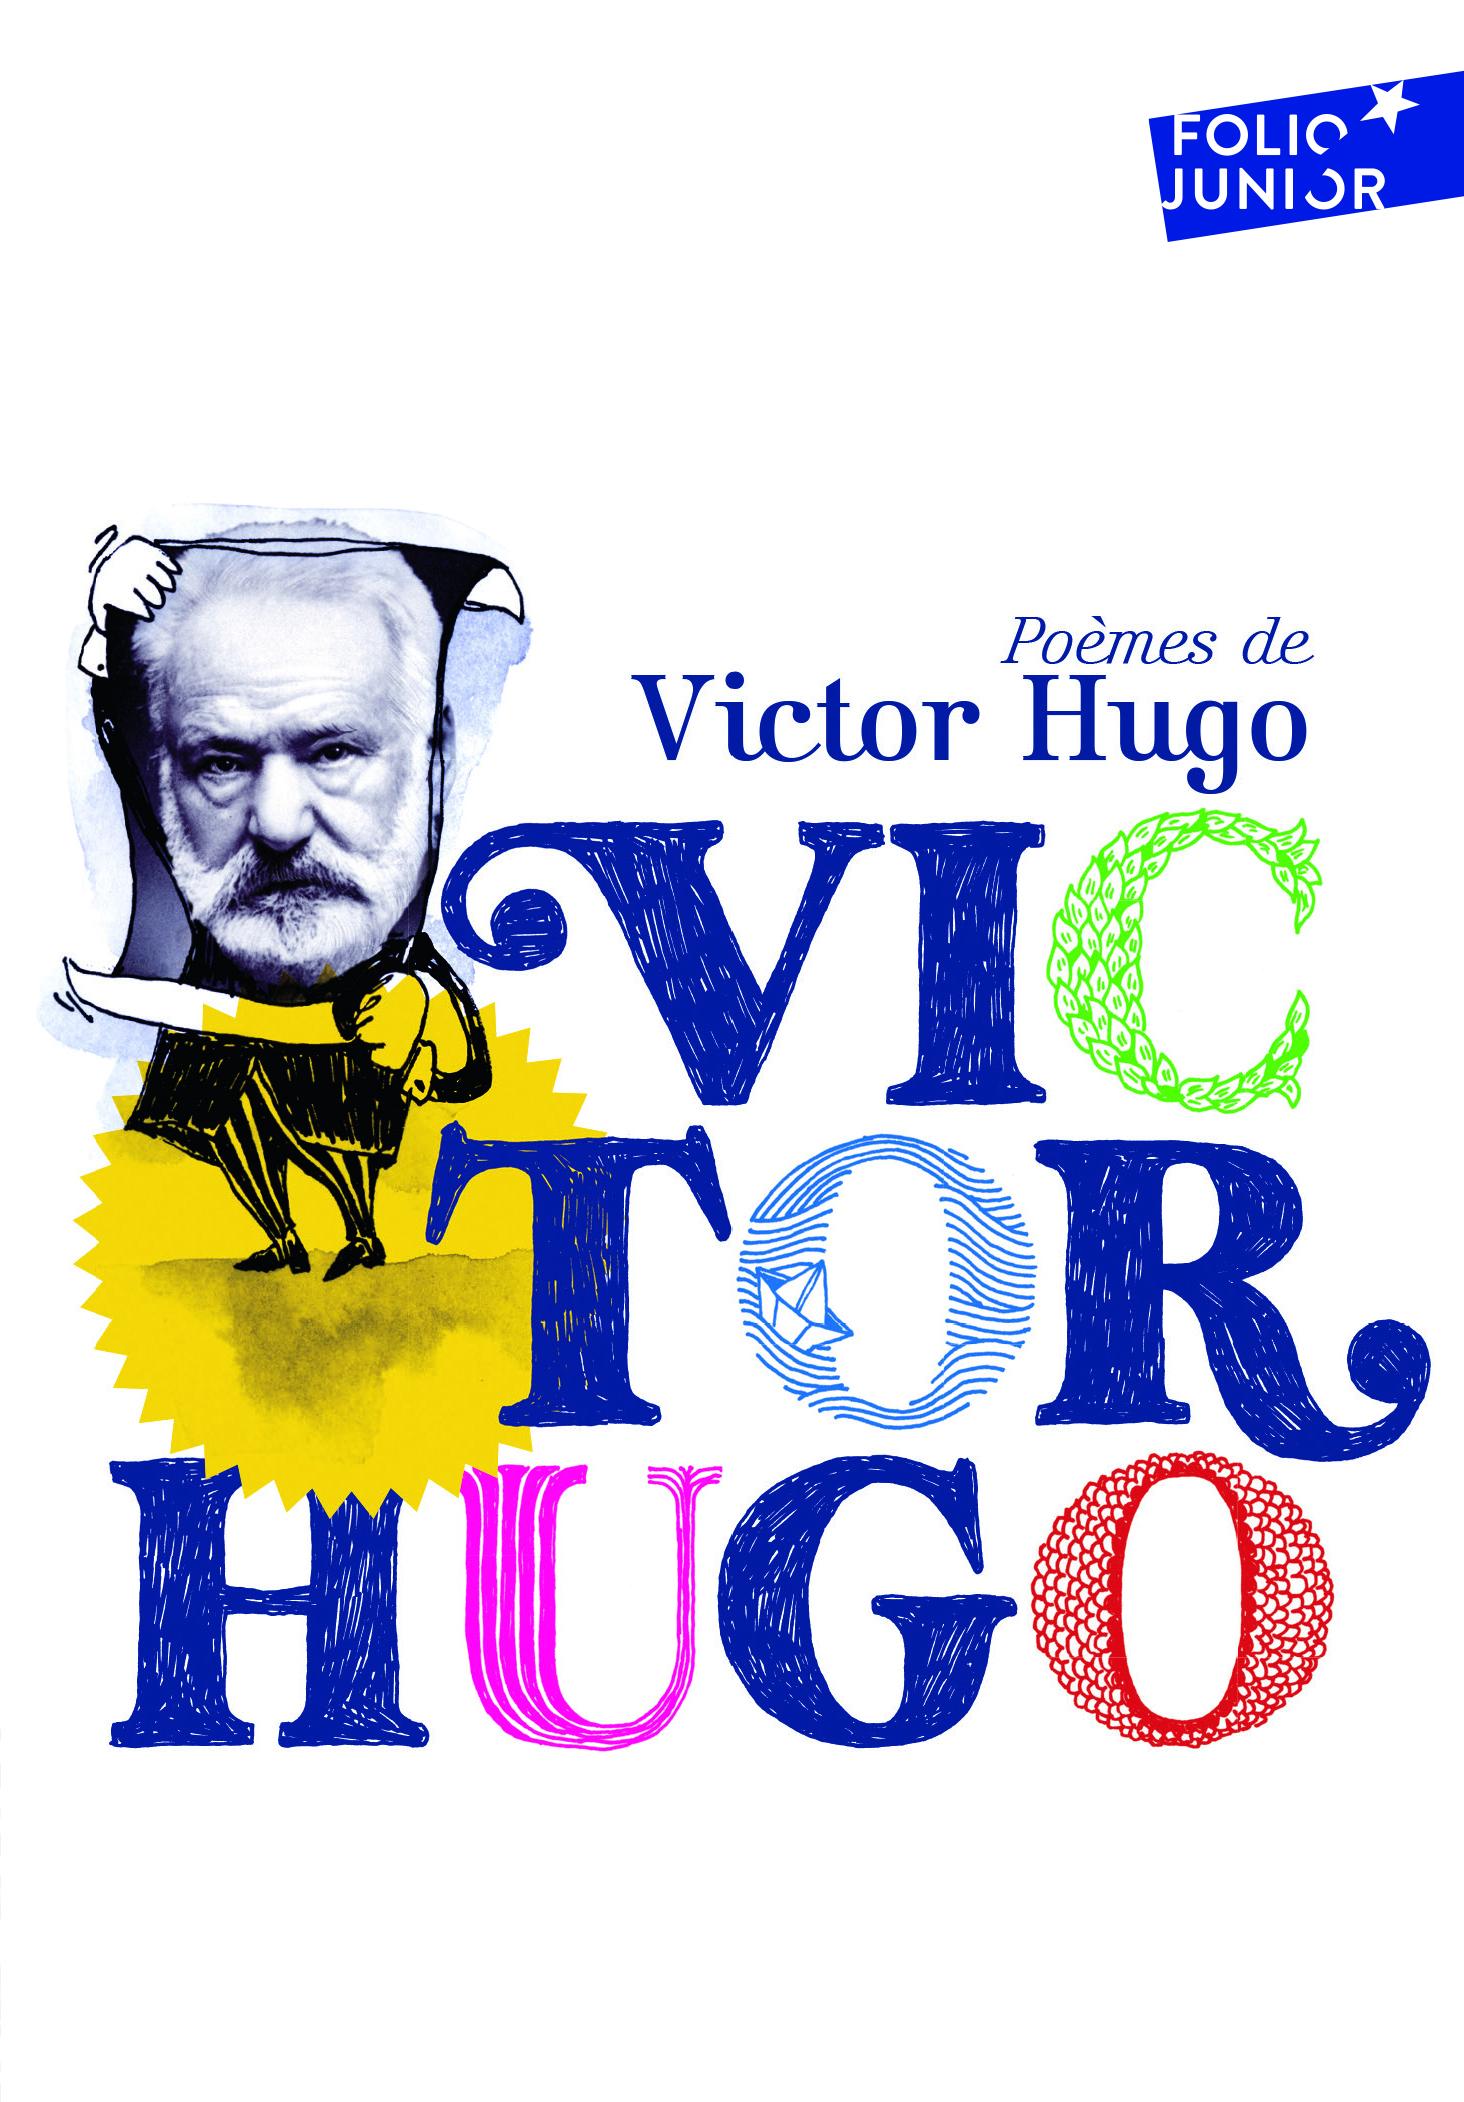 POEMES DE VICTOR HUGO